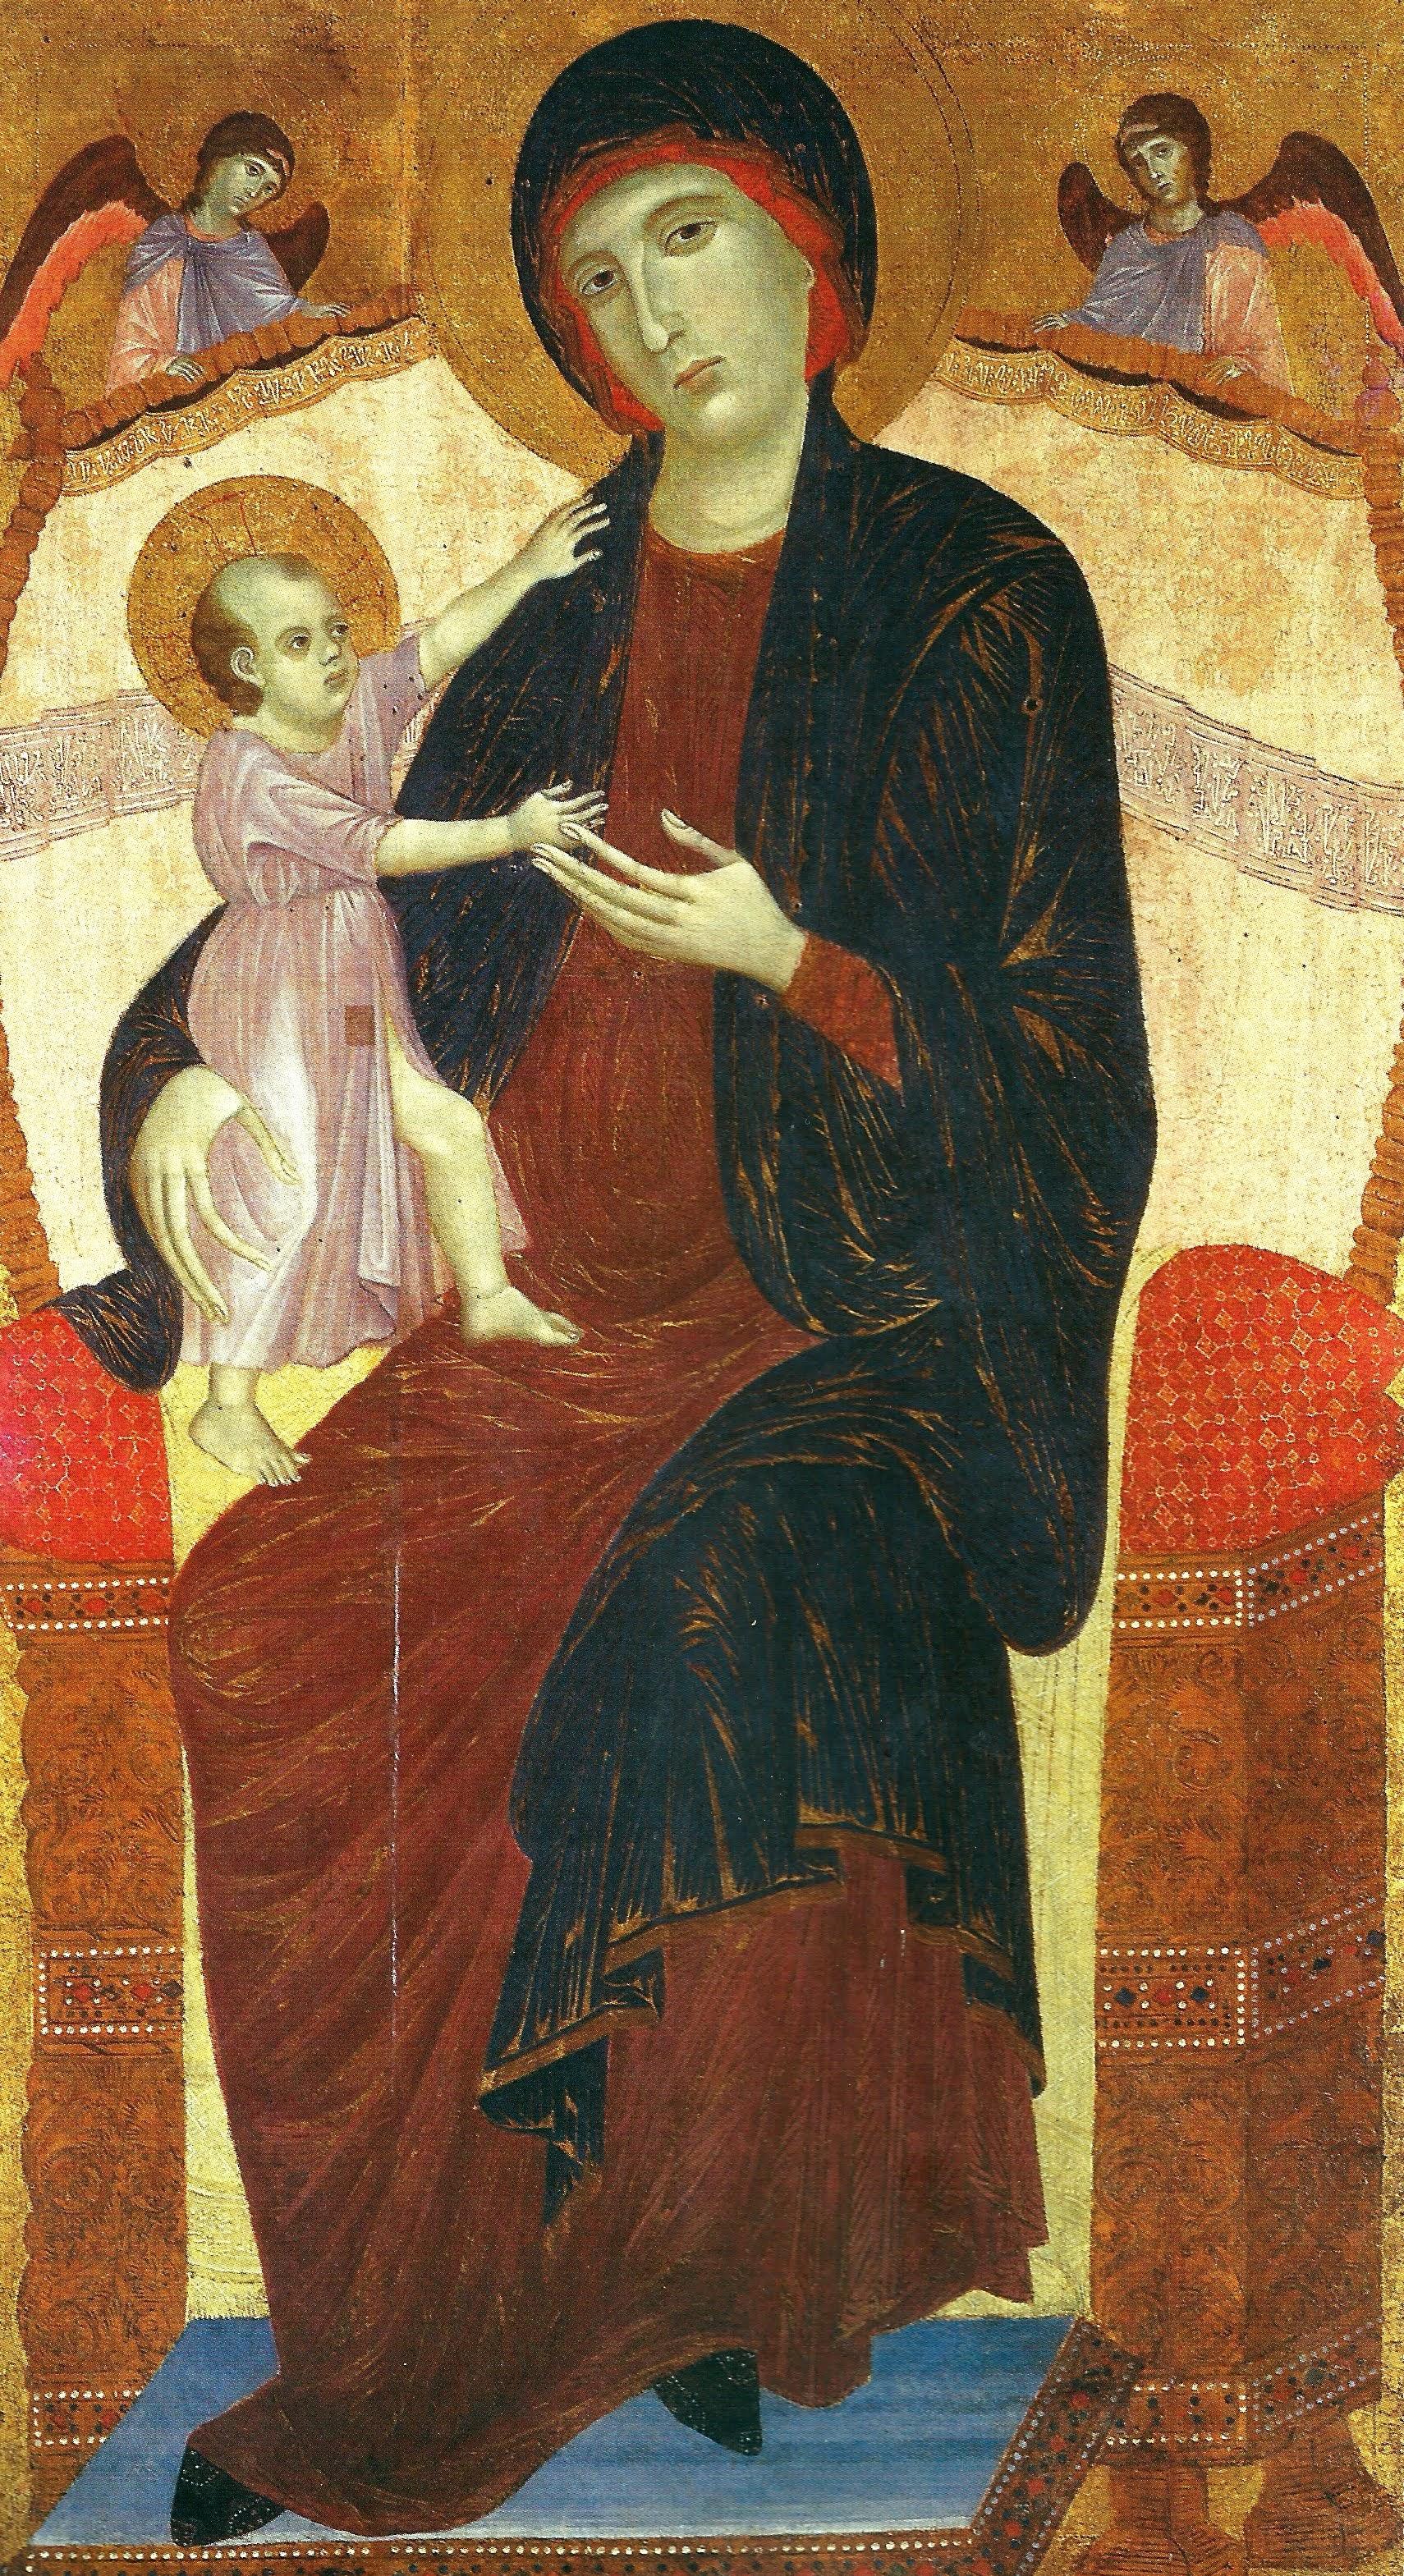 Duccio di Buoninsegna, Madonna Gualino, 1280-1283, Torino, Galleria Sabauda